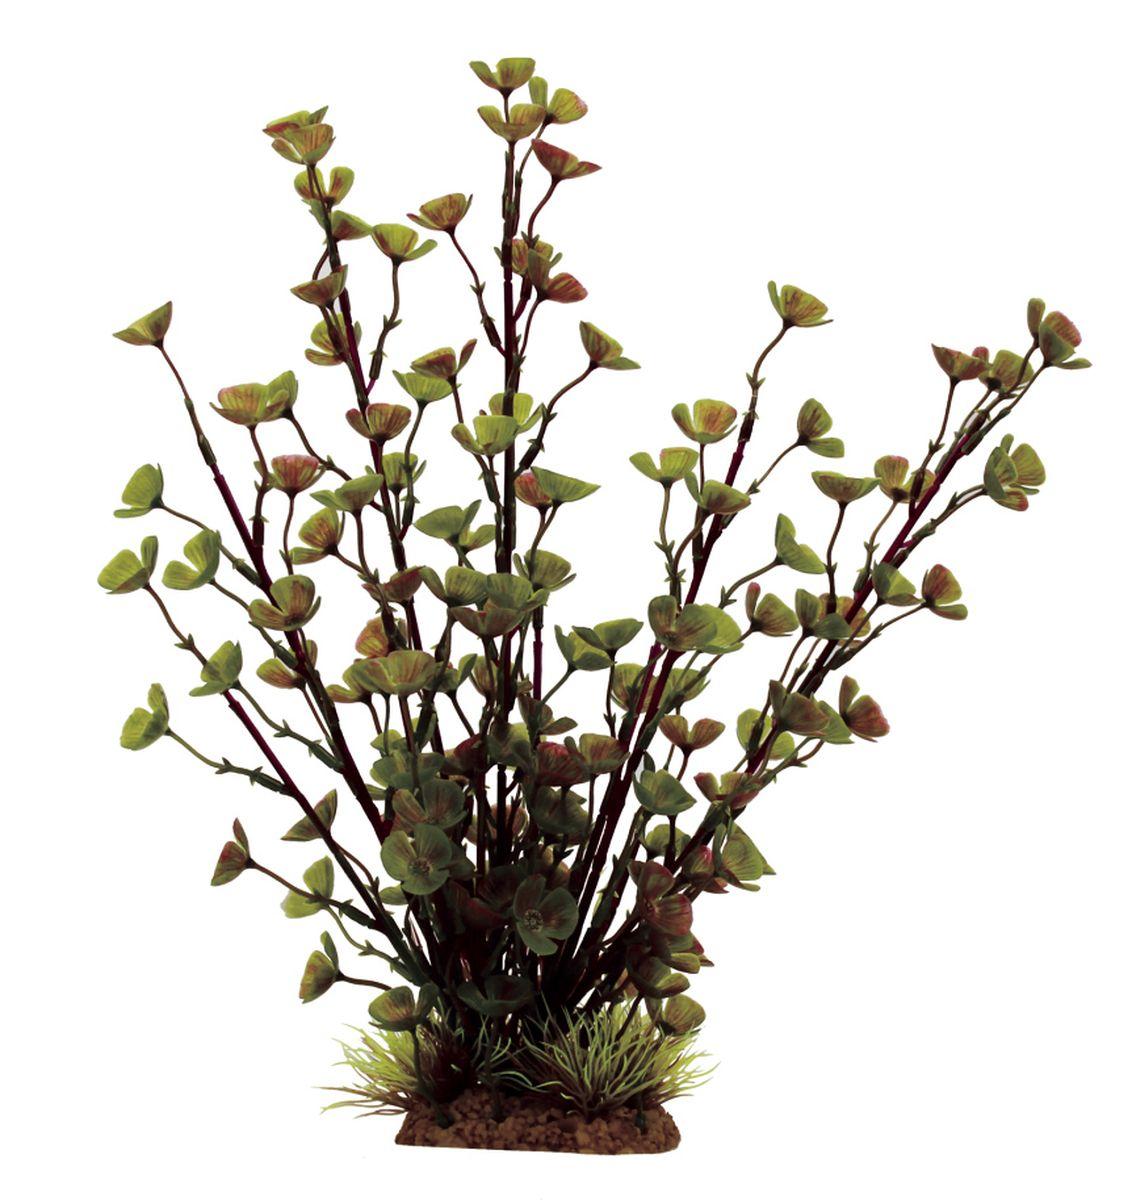 Растение для аквариума ArtUniq Марсилия, высота 32 см0120710Композиция из искусственных растений ArtUniq превосходно украсит и оживит аквариум.Растения - это важная часть любой композиции, они помогут вдохнуть жизнь в ландшафт любого аквариума или террариума. А их сходствос природными порадует даже самых взыскательных ценителей.